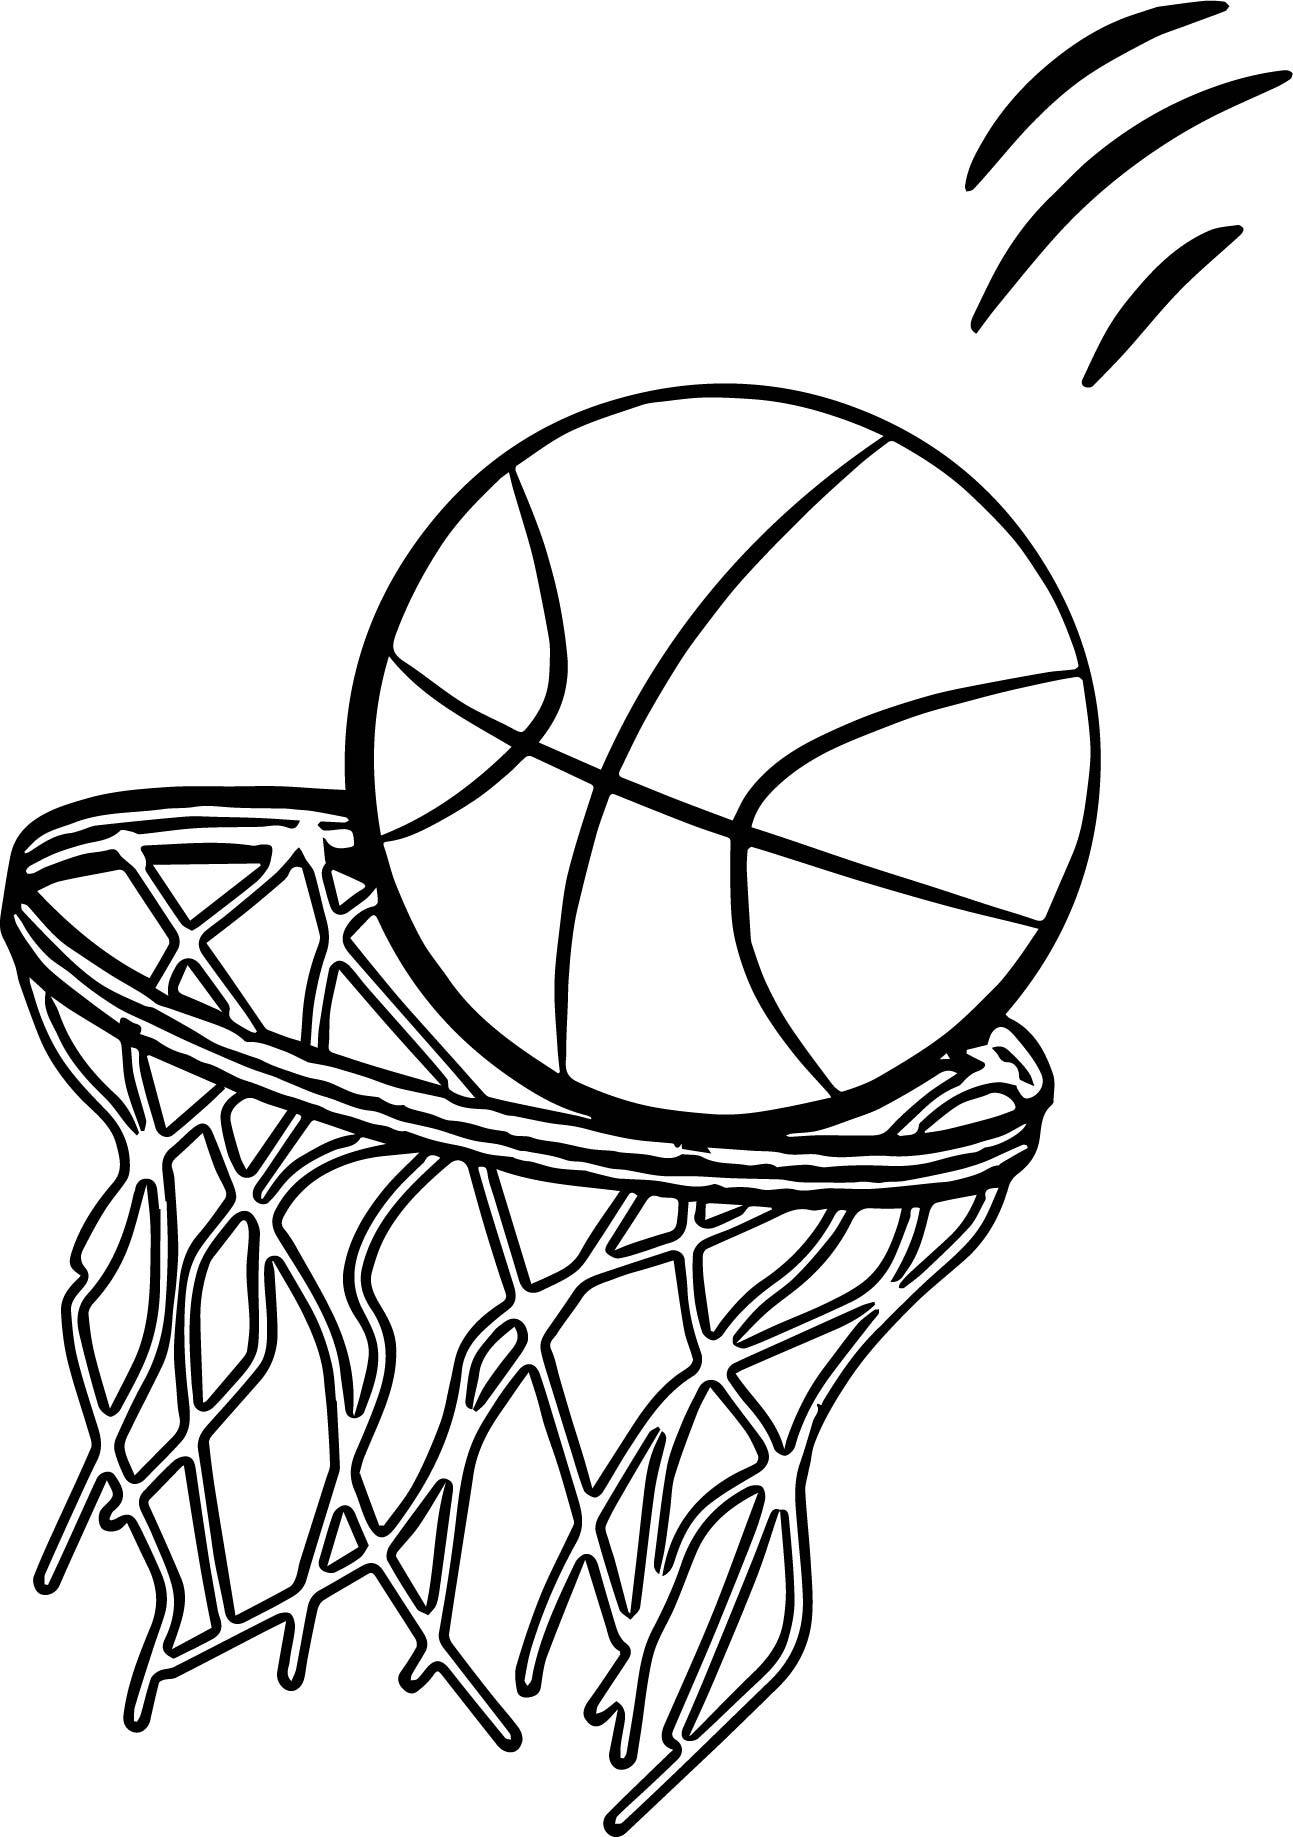 Going Basketball Ball Playing Basketball Coloring Page